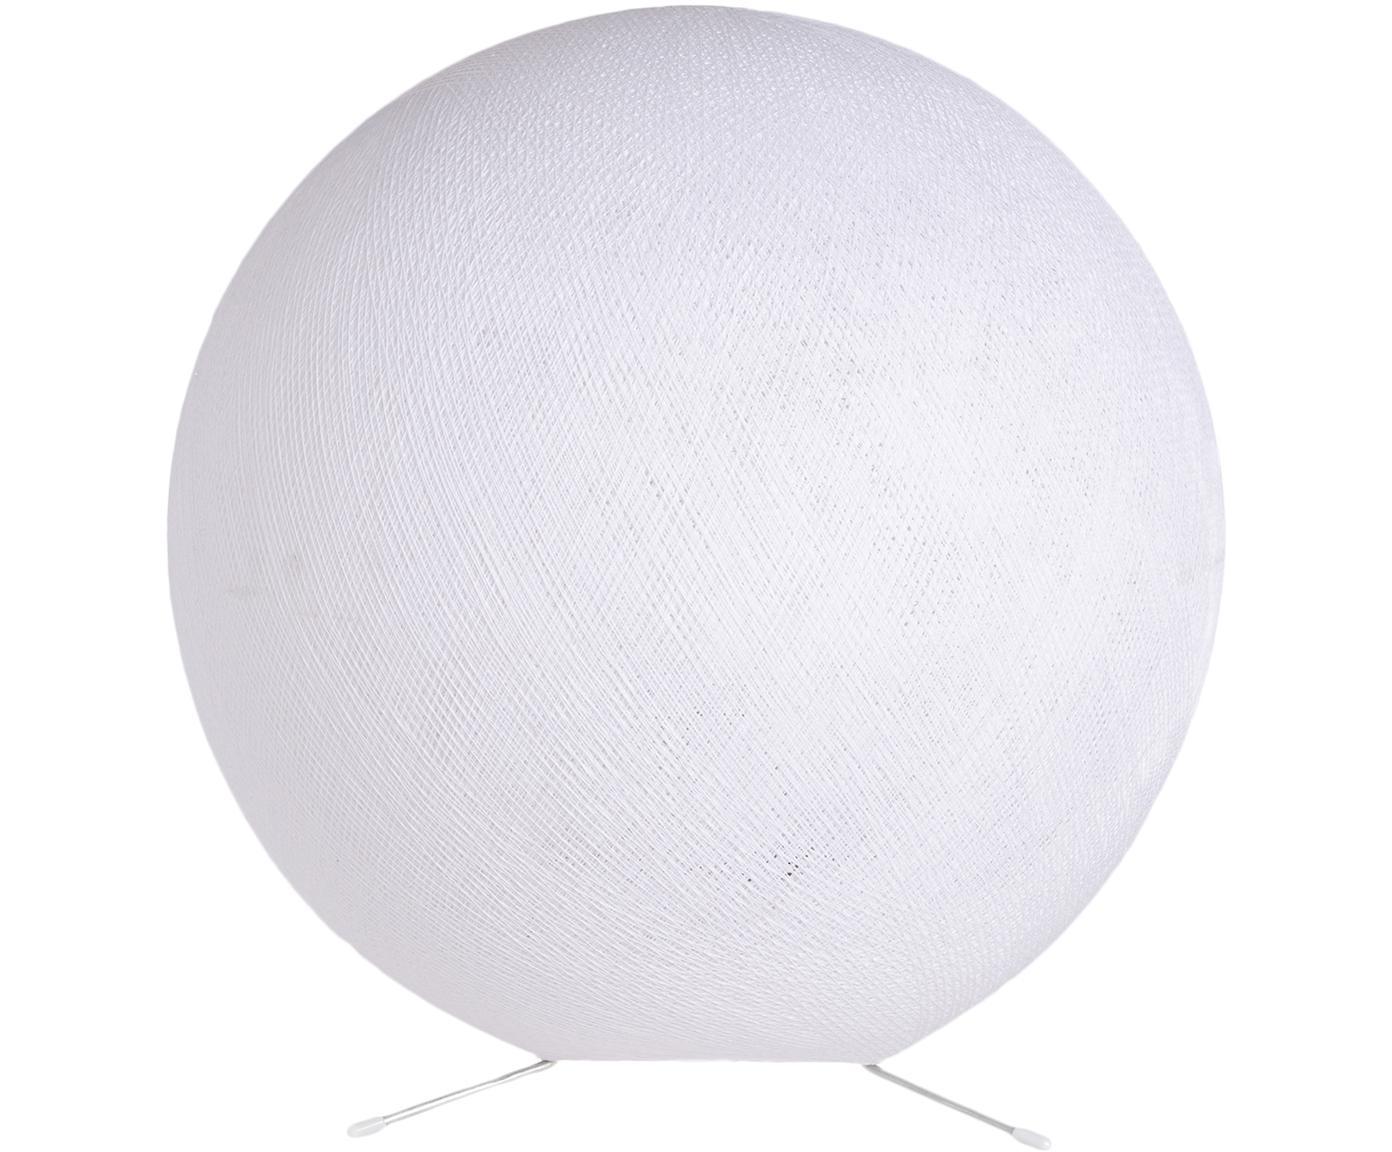 Lámpara de mesa Colorain, Pantalla: poliéster, Cable: plástico, Blanco, Ø 36 cm